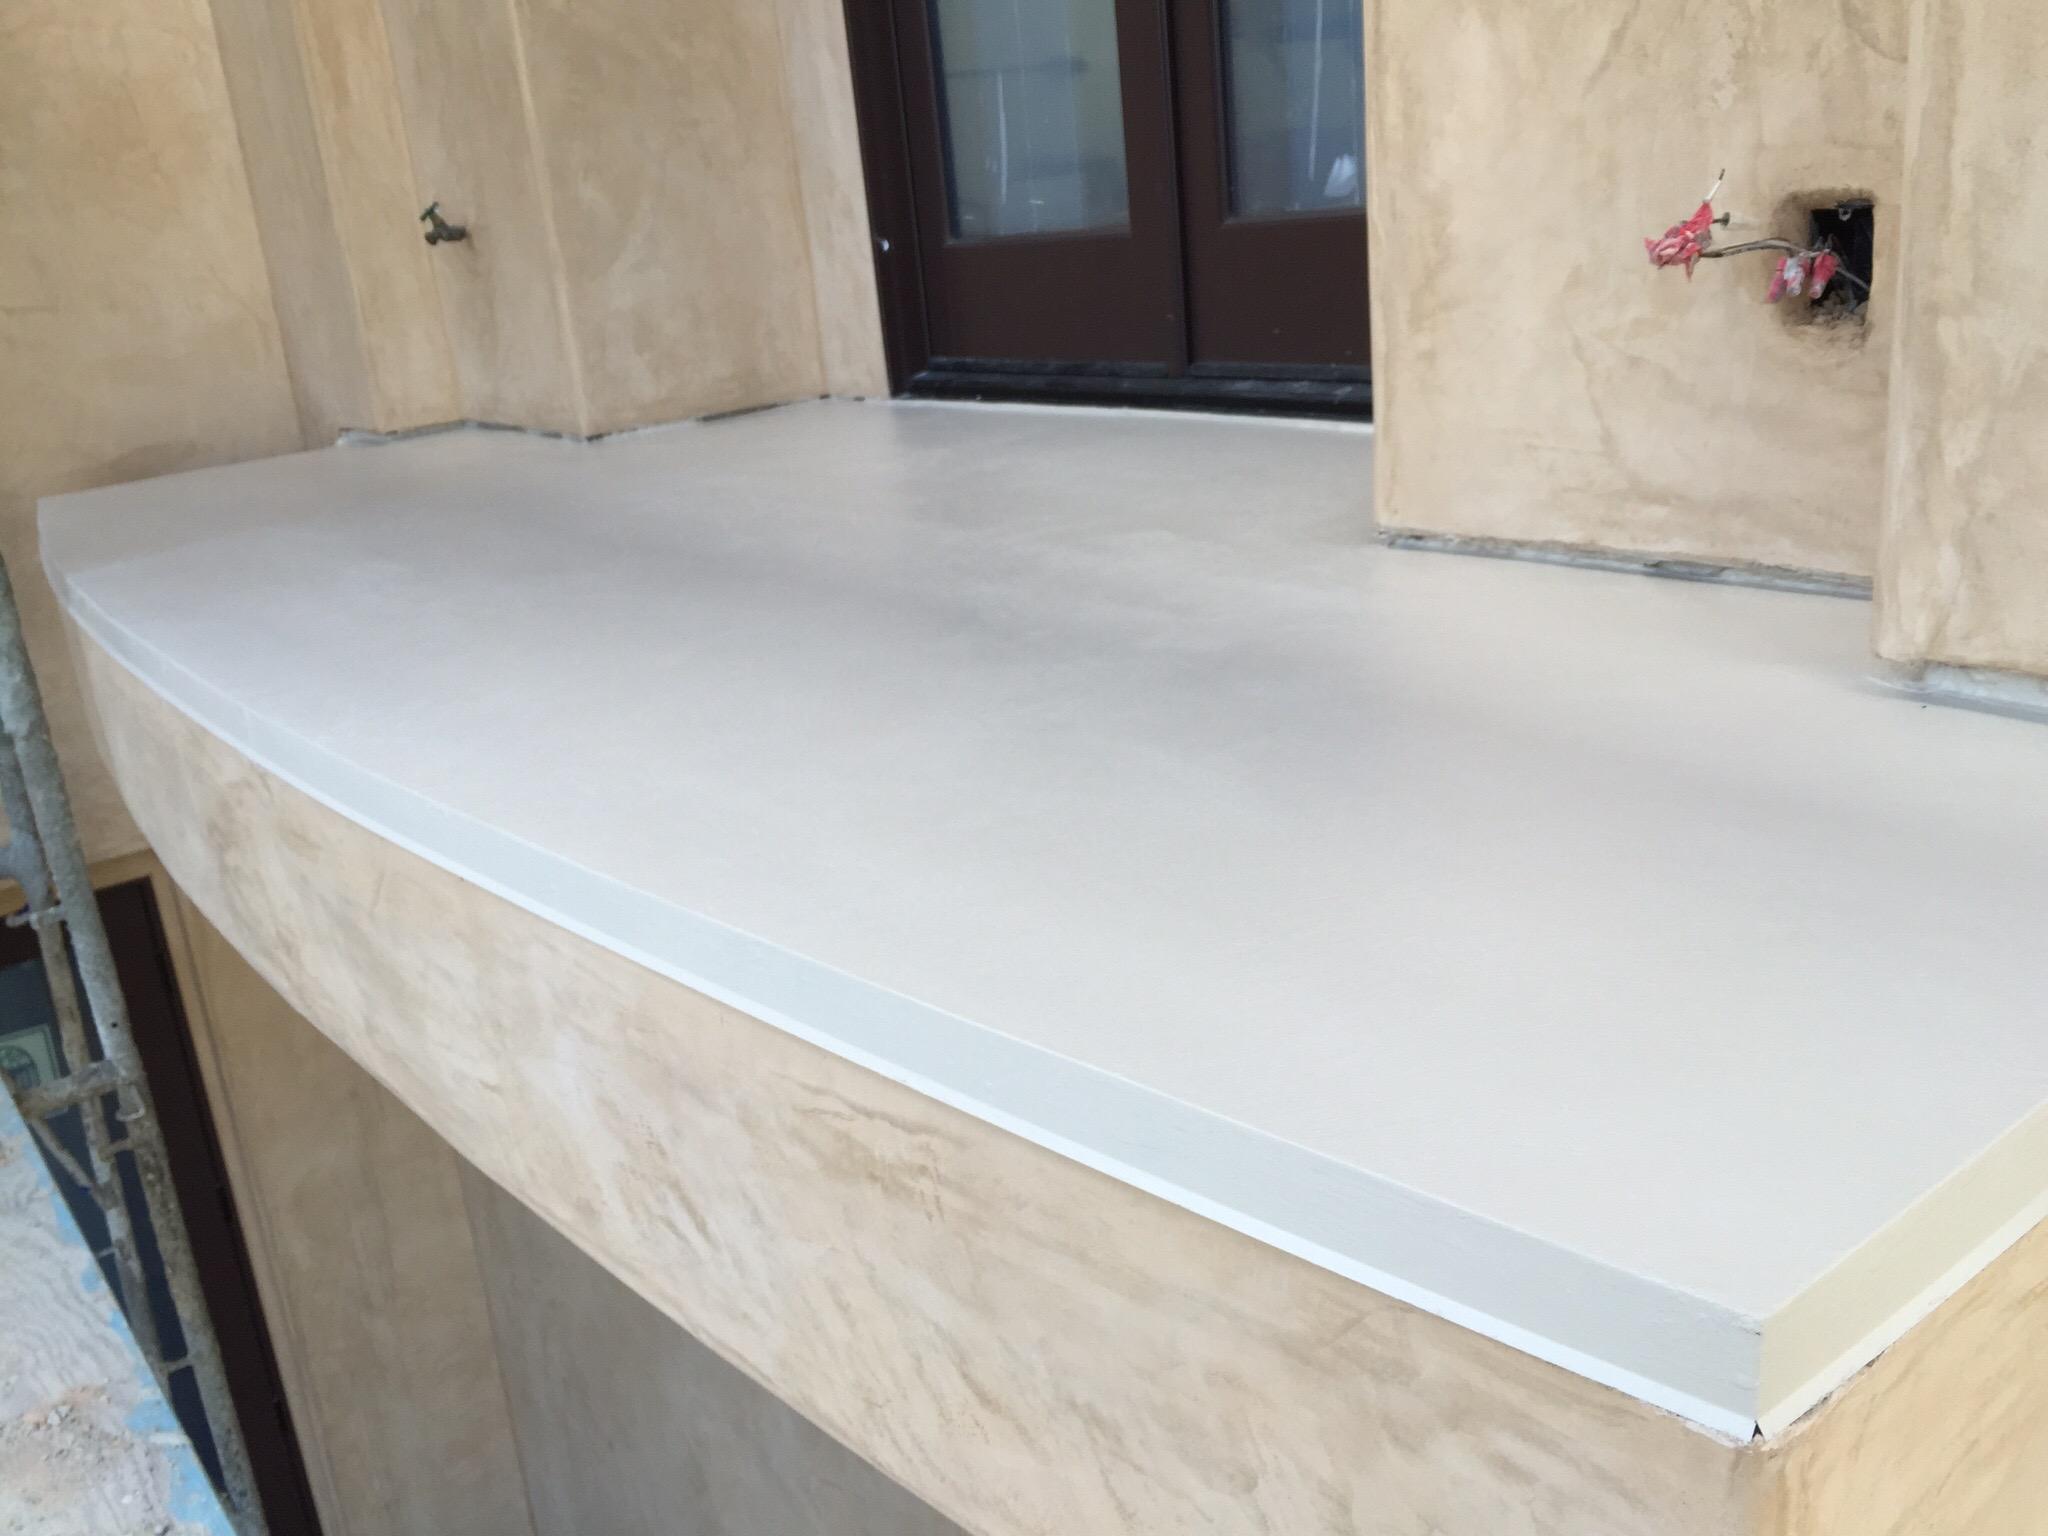 Fiberglass Waterproofing Deck Coating Crete System